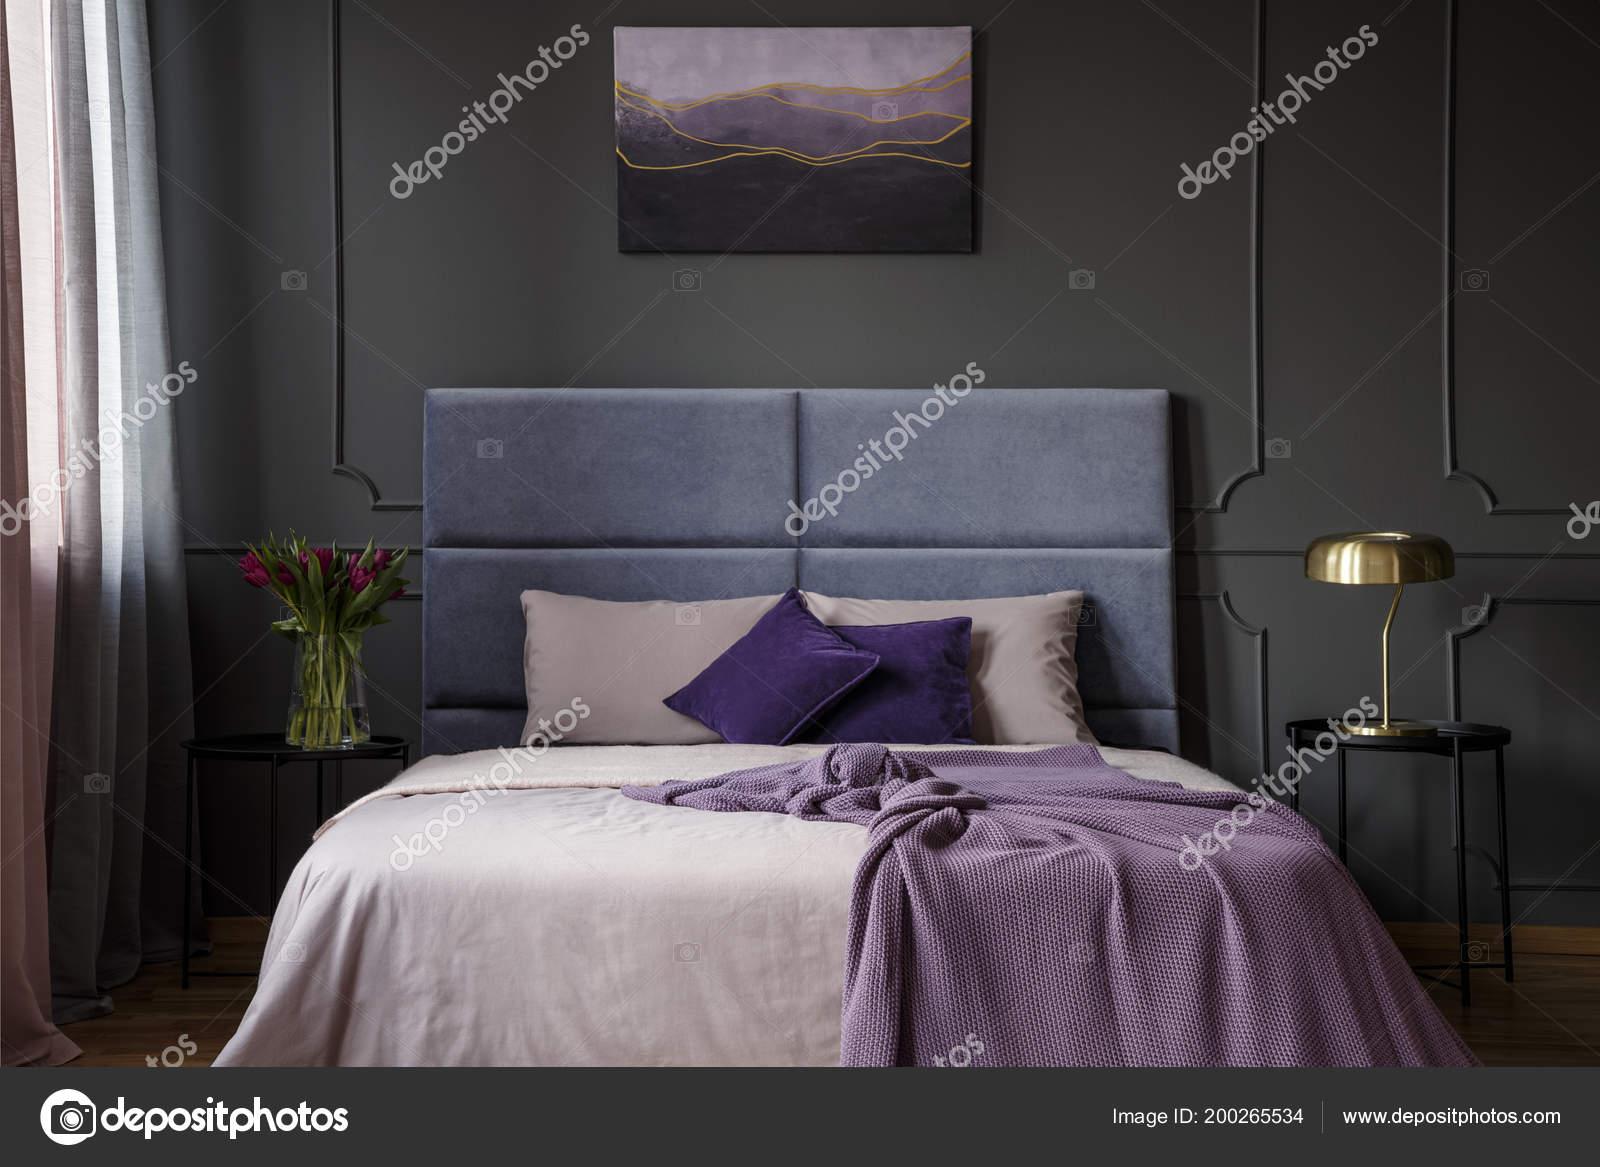 Paarse Slaapkamer Lamp : Gouden lamp tafel naast bed violet hotel slaapkamer interieur met